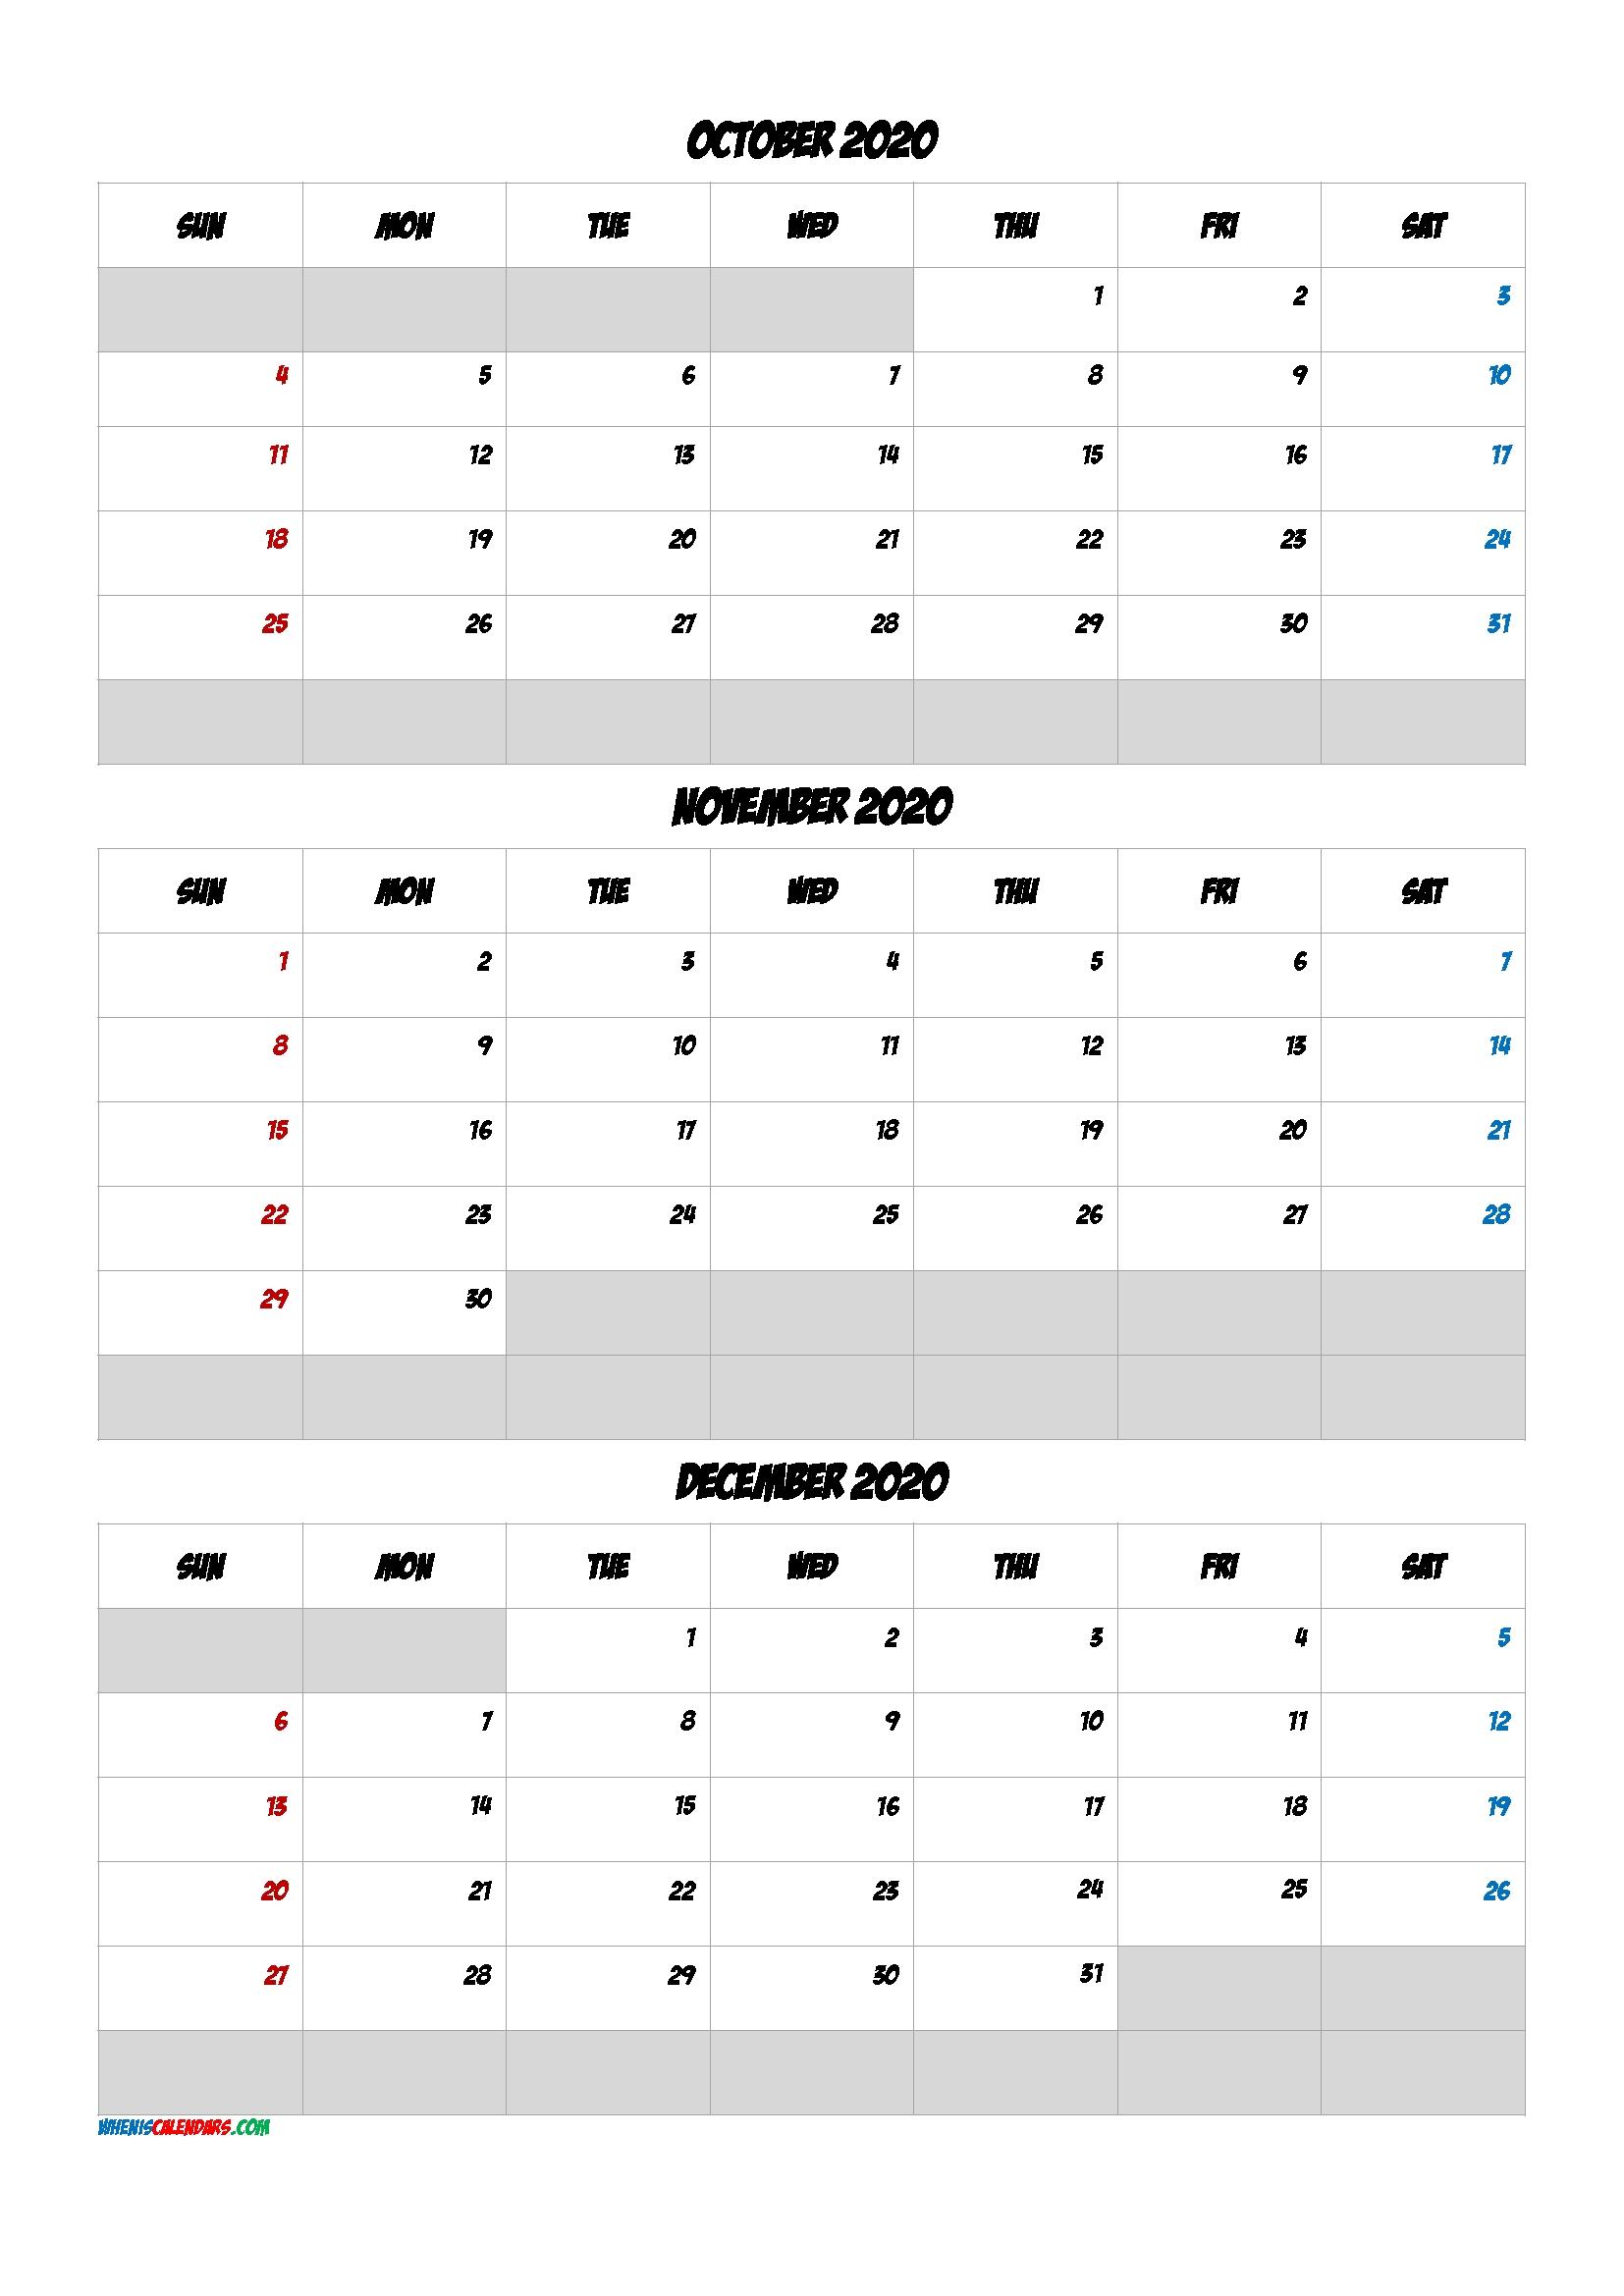 Free Calendar October November December 2020 [Q1-Q2-Q3-Q4